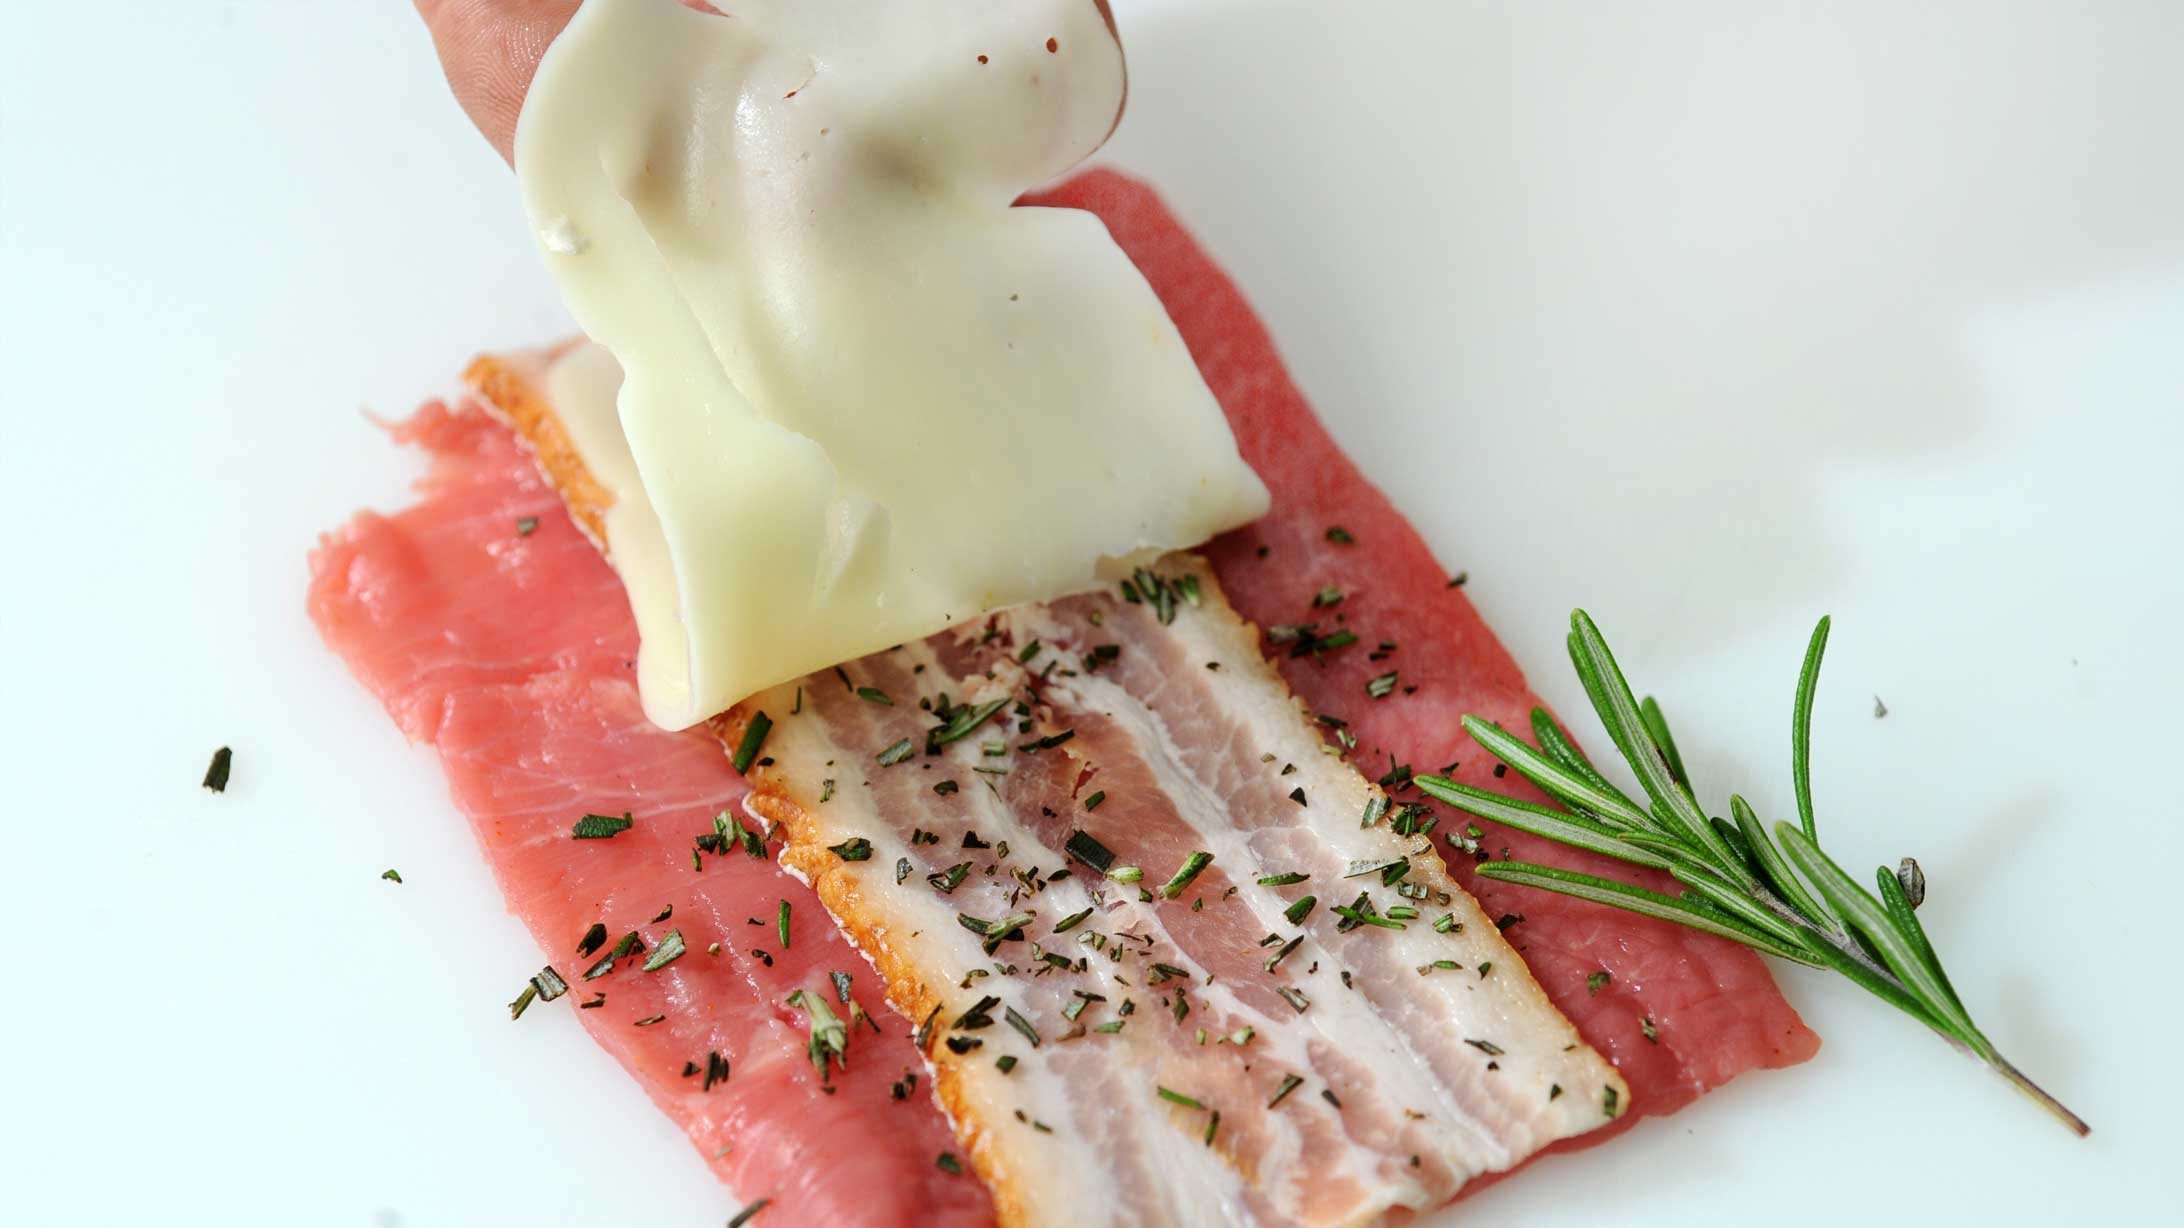 Kalbsfleisch. wird mit Speck und Käse belegt.